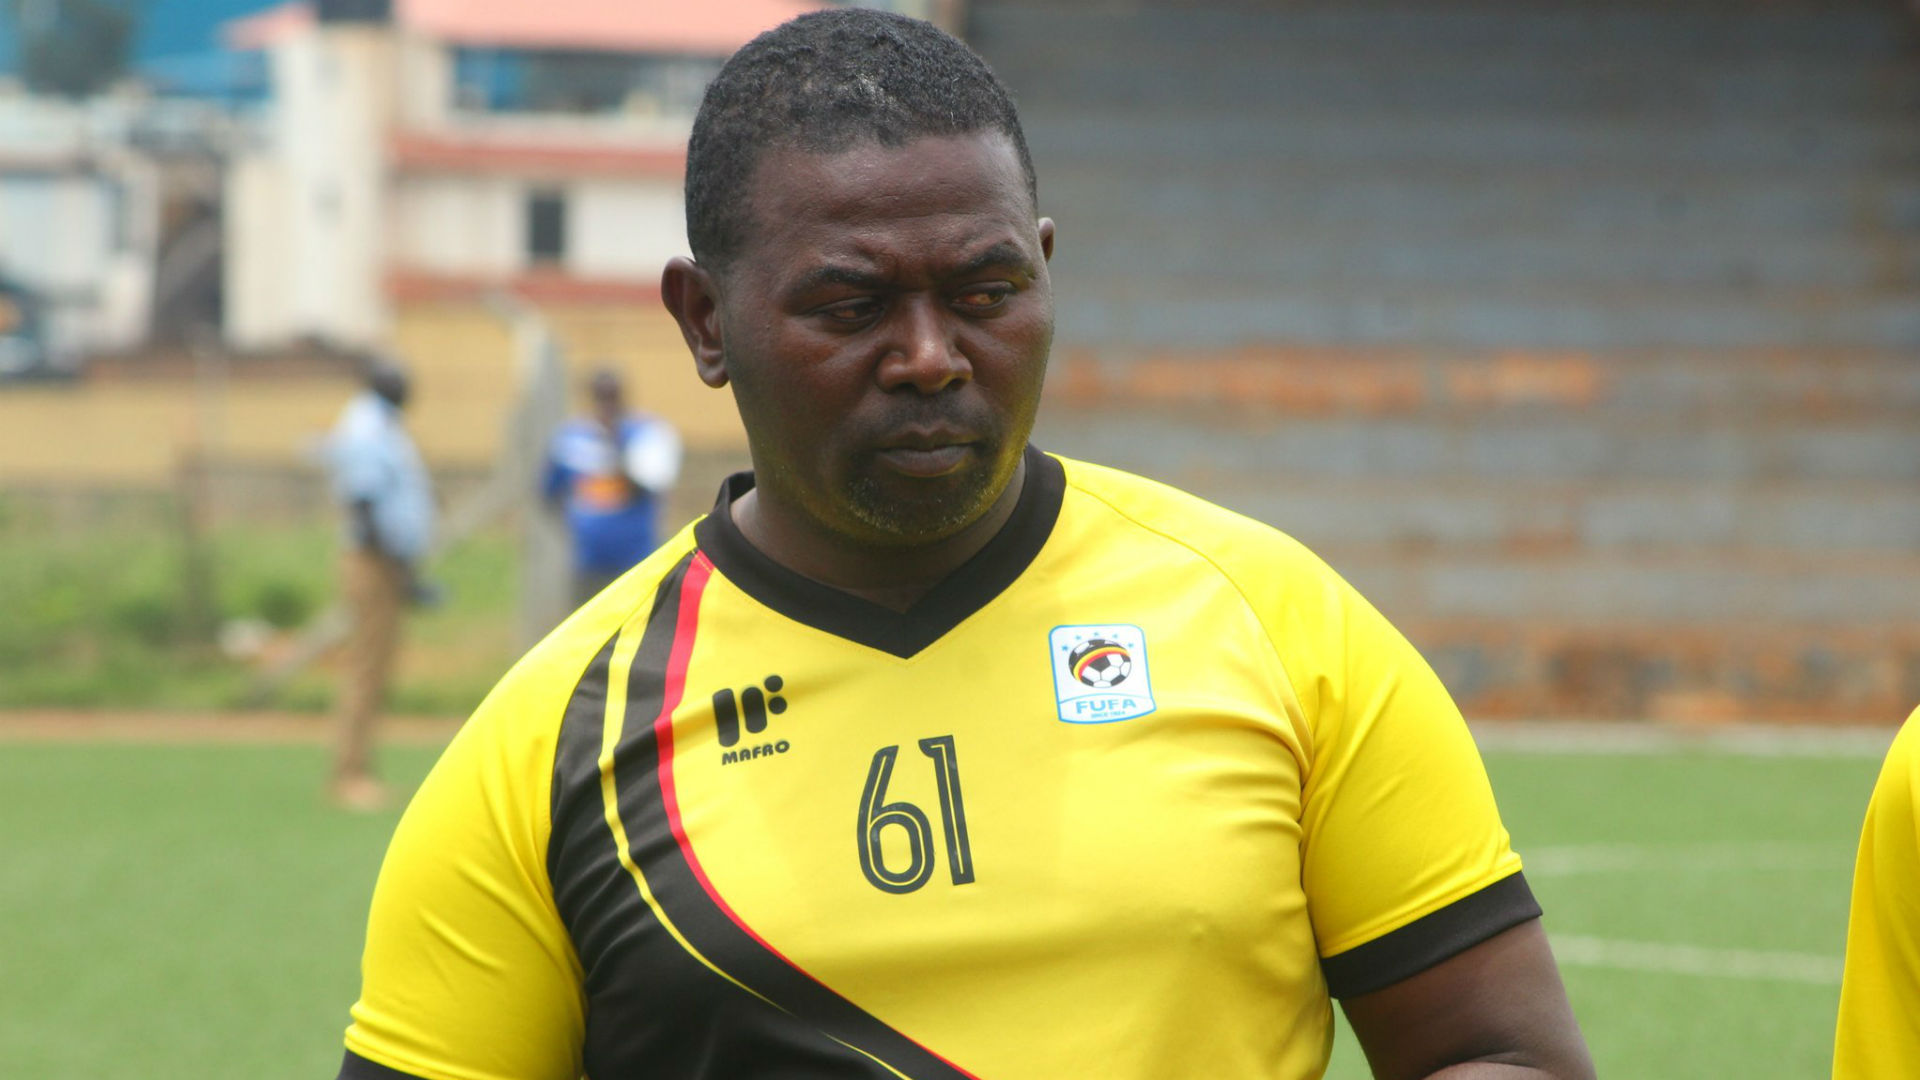 Uganda U17 women's coach Khalifa explains huge provisional squad